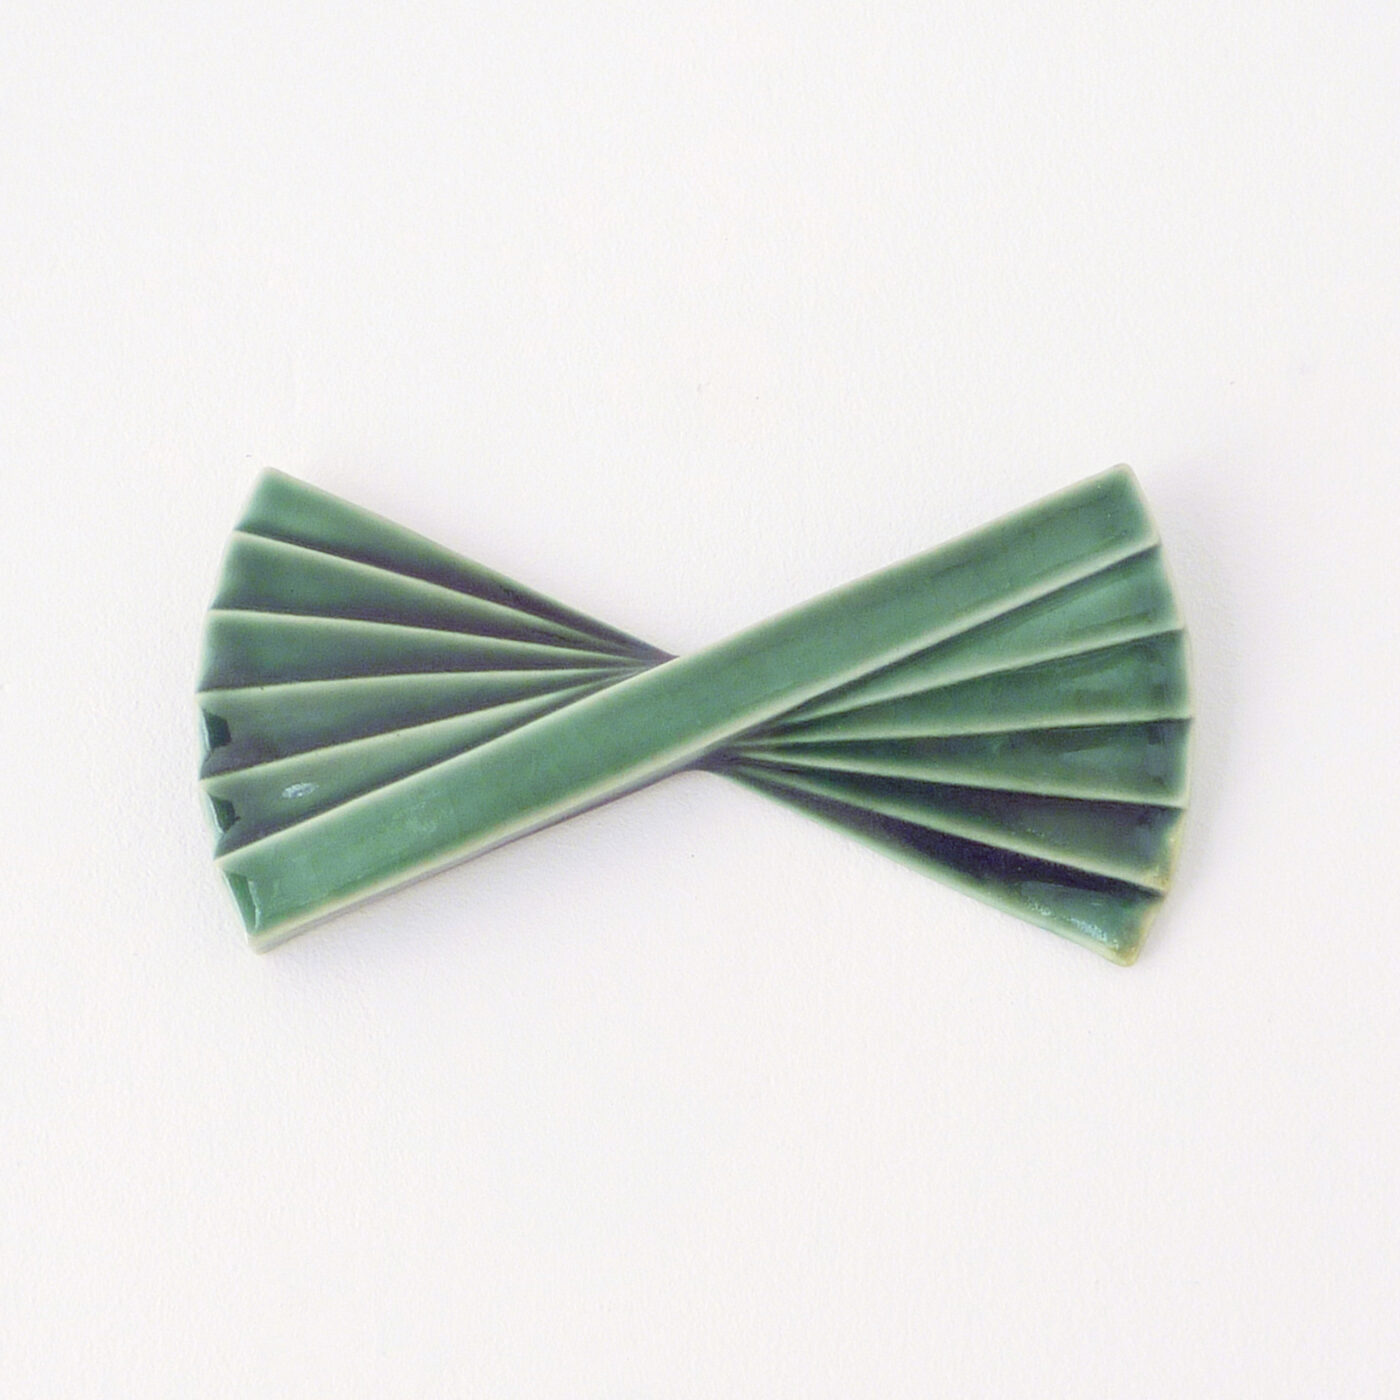 Keramiker Marianne Nielsen - Kontrast, Butterfly, 2010